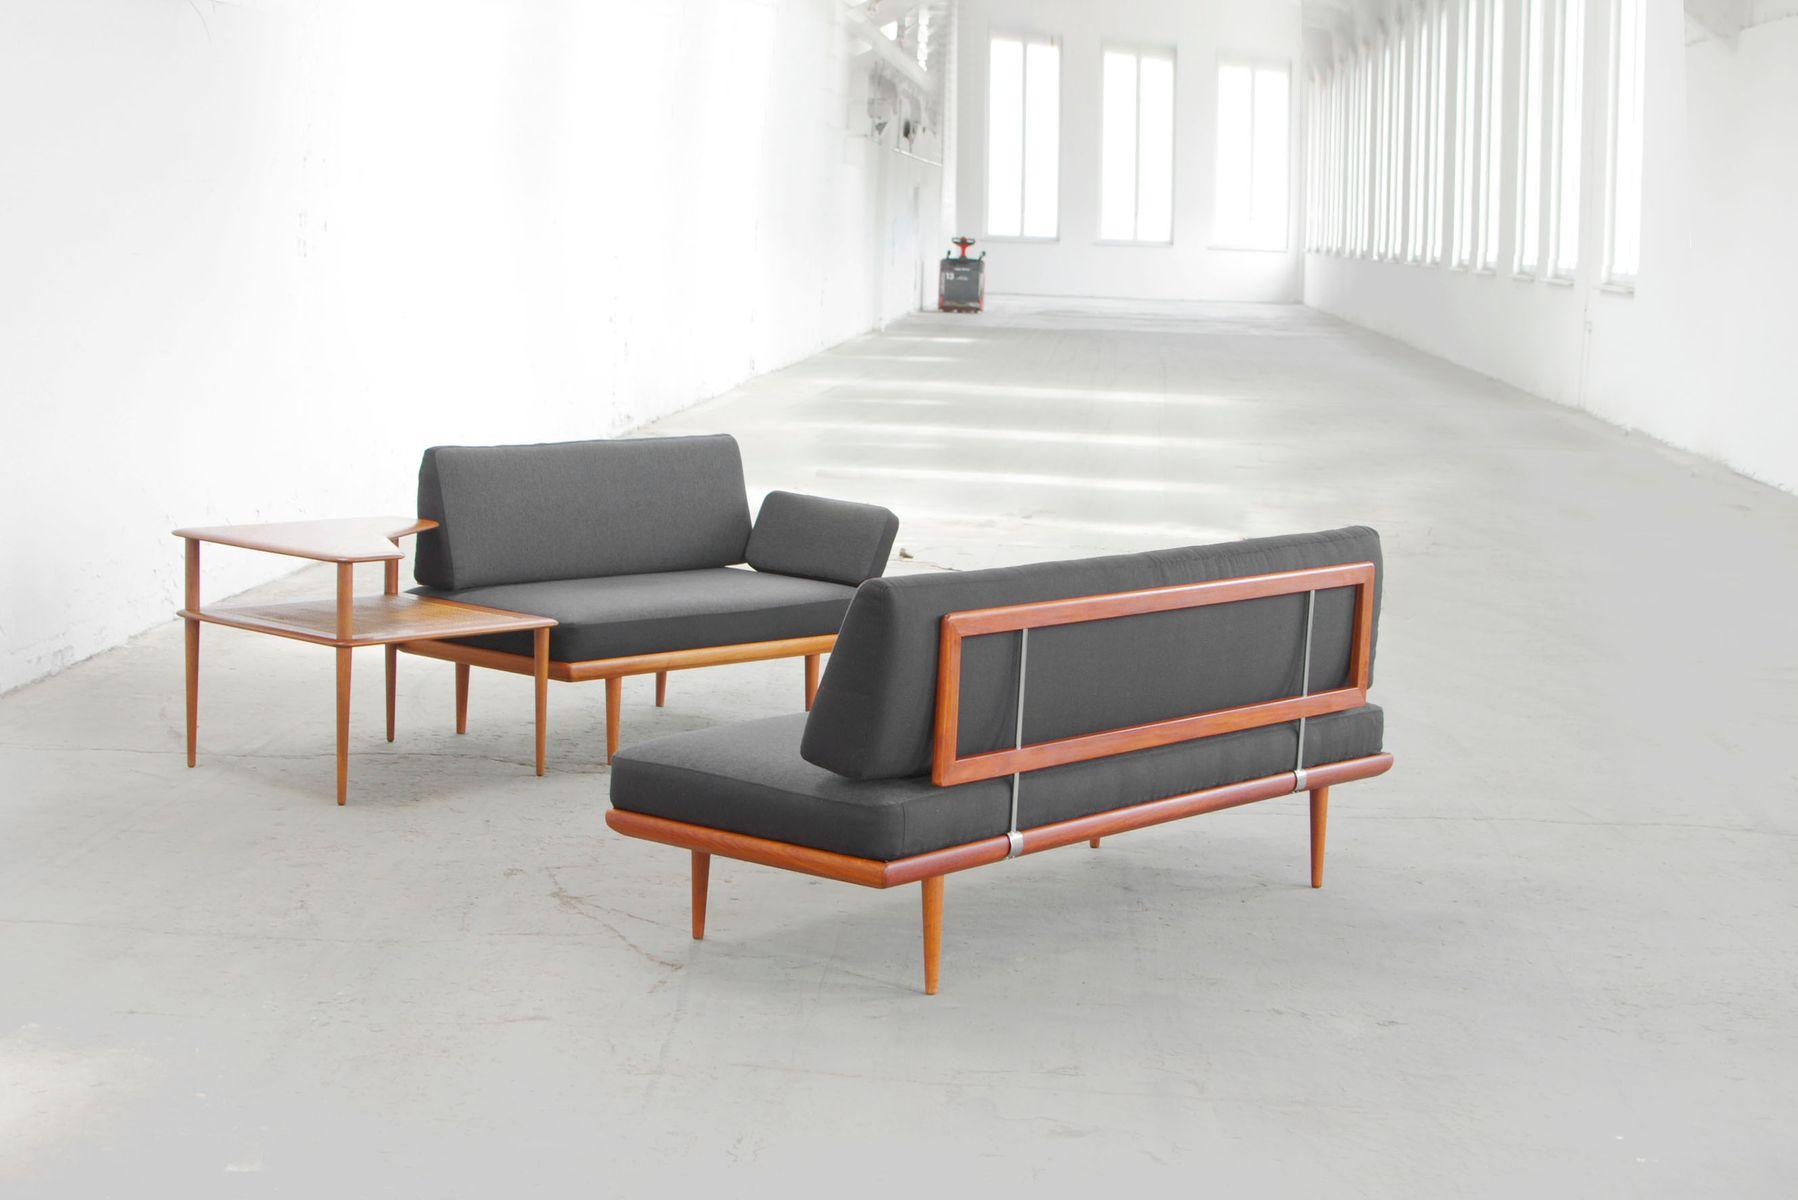 d nisches teak minerva sofa system von peter hvidt and orla m lgaard nielsen bei pamono kaufen. Black Bedroom Furniture Sets. Home Design Ideas